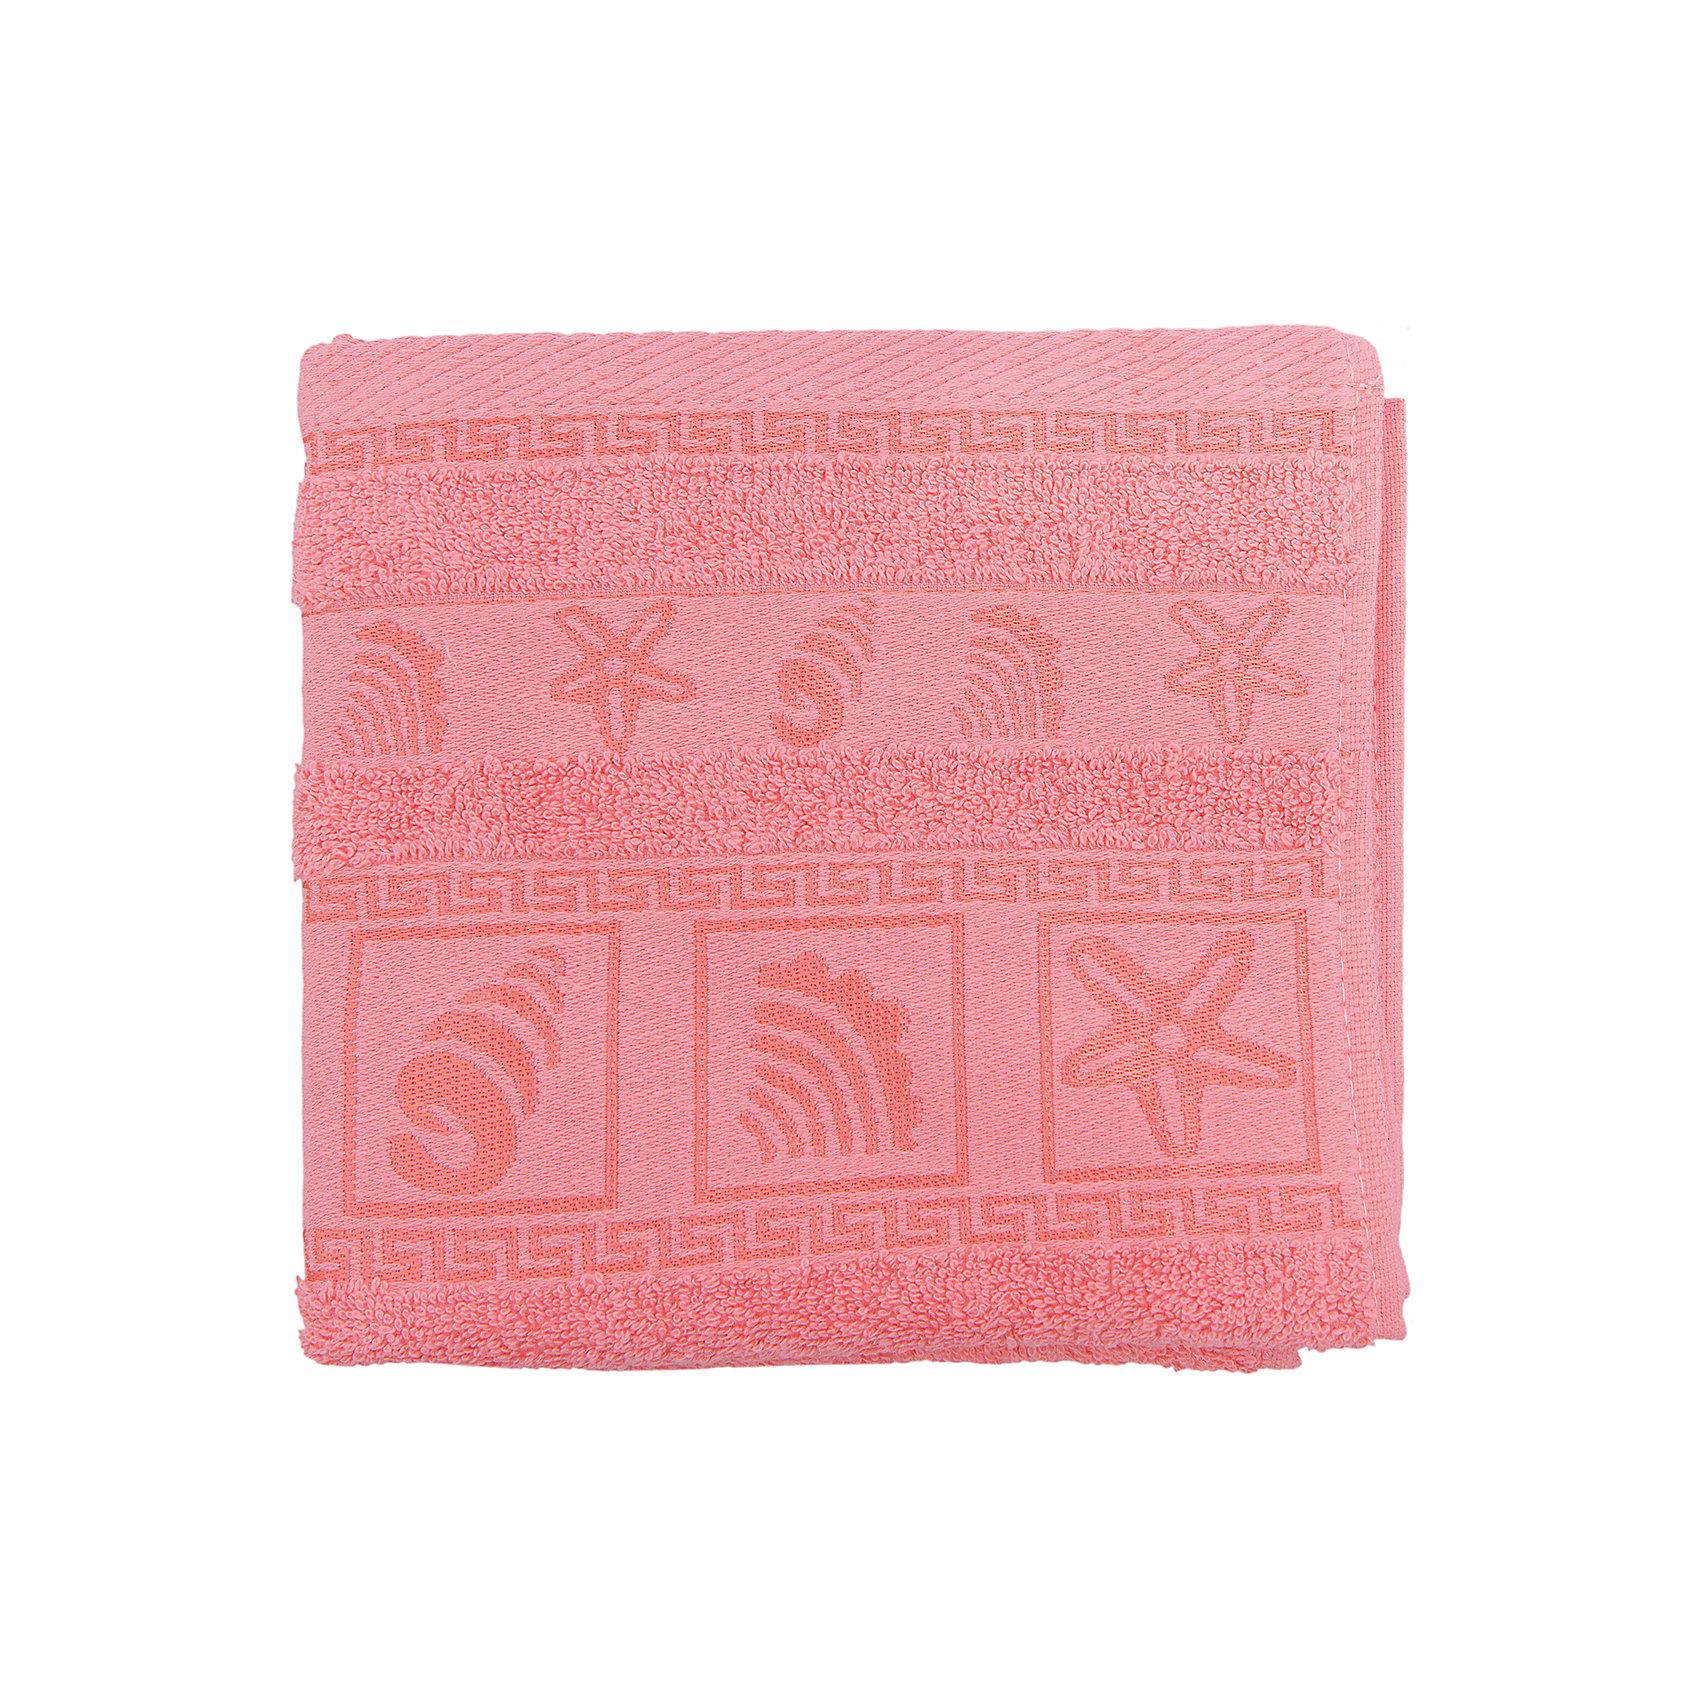 Полотенце махровое Shell 40*75 Португалия, коралловыйМахровое полотенце Shell идеально подходит для вашей ванной комнаты. Оно хорошо впитывает влагу и обладает высокой прочностью. Полотенце выполнено из качественного хлопка с применением стойких безопасных красителей. Край полотенца украшен вышивкой на морскую тематику.<br><br>Дополнительная информация:<br>Размер: 40х75 см<br>Материал: 100% хлопок<br>Плотность: 500 г/м2<br>Цвет: коралловый<br>Торговая марка: Португалия<br><br>Махровое полотенце Shell вы можете купить а нашем интернет-магазине.<br><br>Ширина мм: 500<br>Глубина мм: 500<br>Высота мм: 200<br>Вес г: 200<br>Возраст от месяцев: 0<br>Возраст до месяцев: 144<br>Пол: Унисекс<br>Возраст: Детский<br>SKU: 5010932